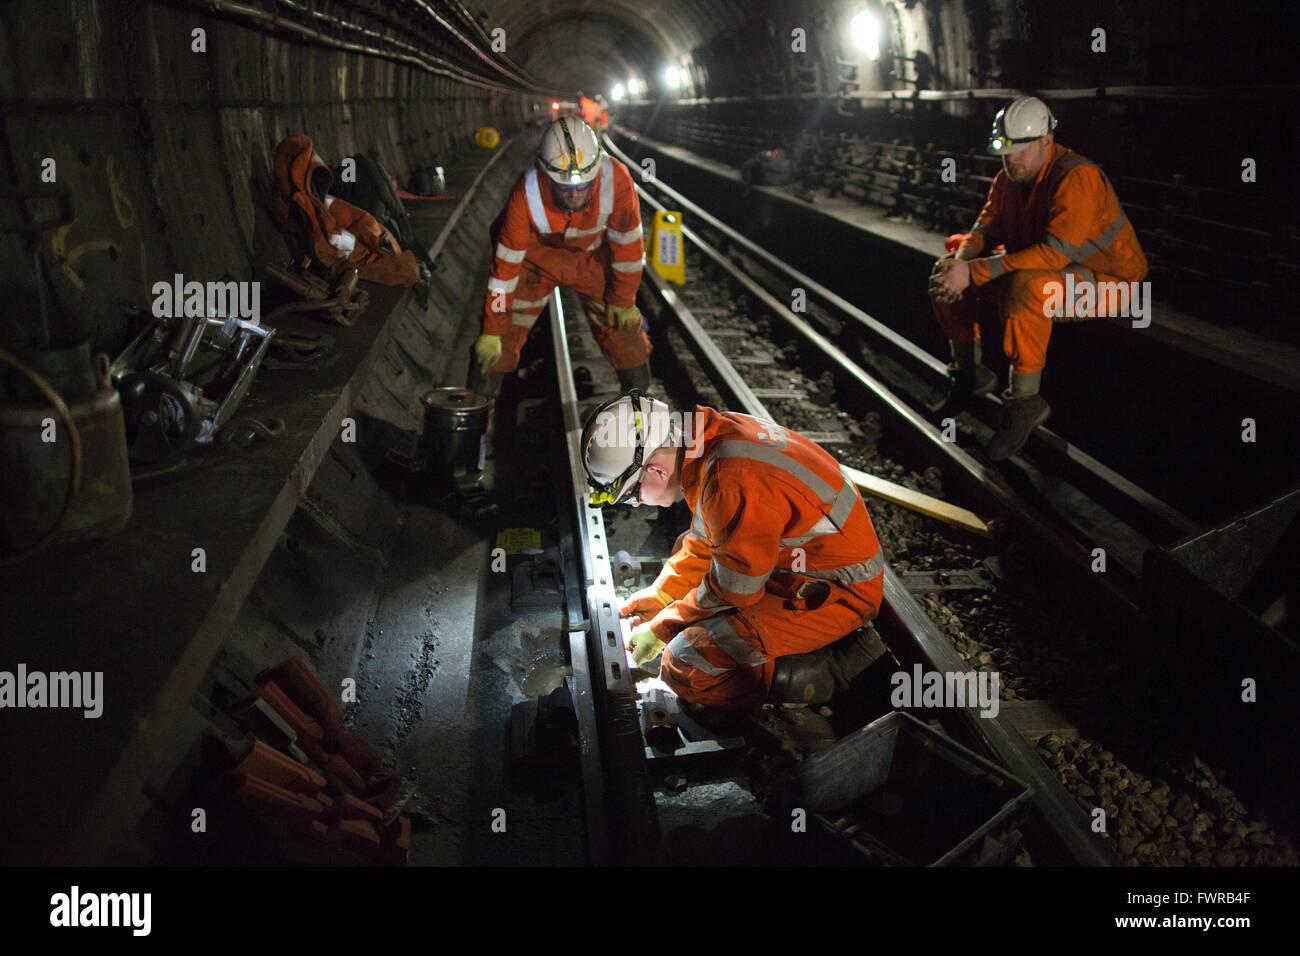 Preparare gli ingegneri di pista di sostituzione componenti prima di usando thermite saldatura sulla metropolitana Immagini Stock